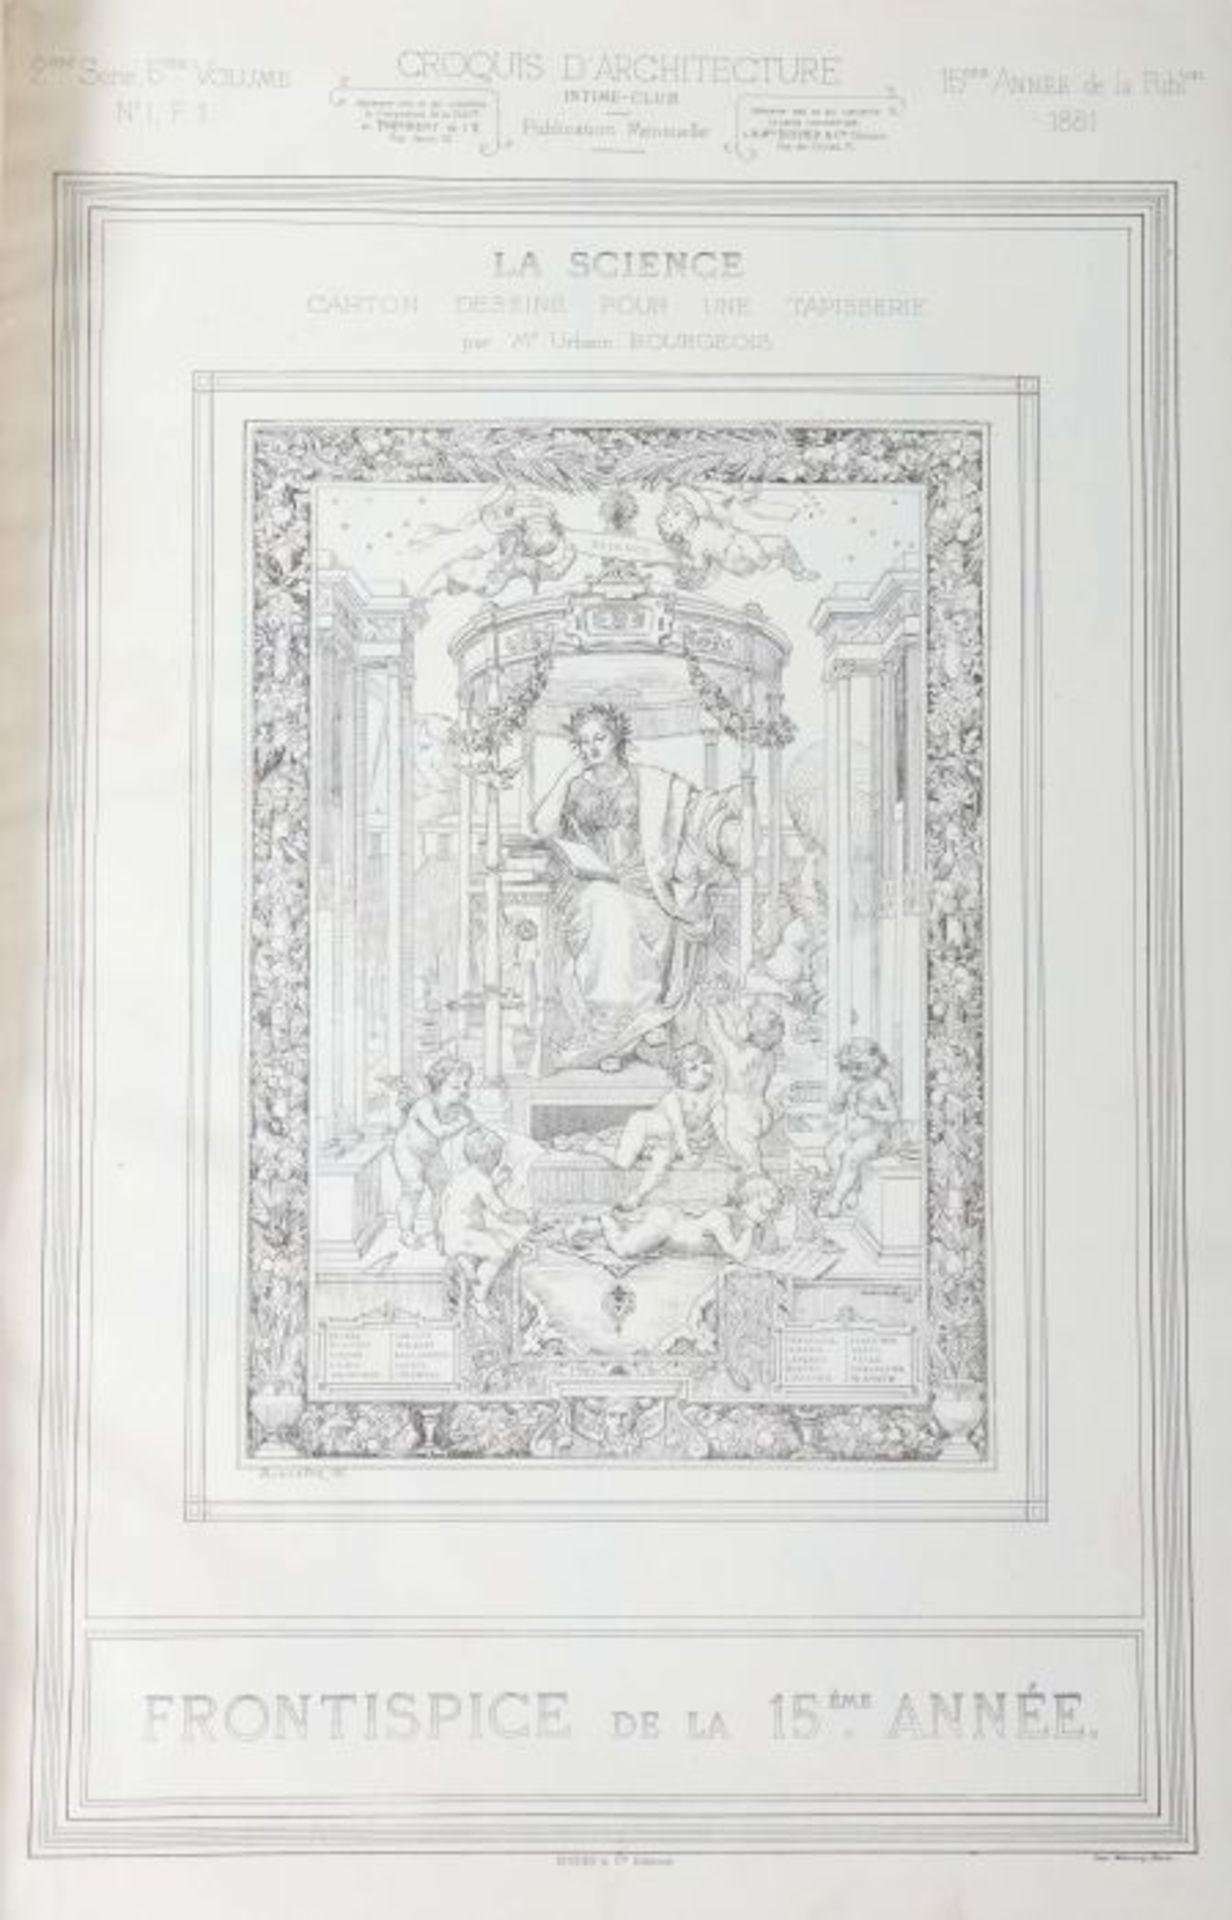 Intime-Club Croquis d'architecture, Publication mensuelle, Paris, 1878/81/84, 3 Bde. (12./15./18. - Bild 4 aus 6